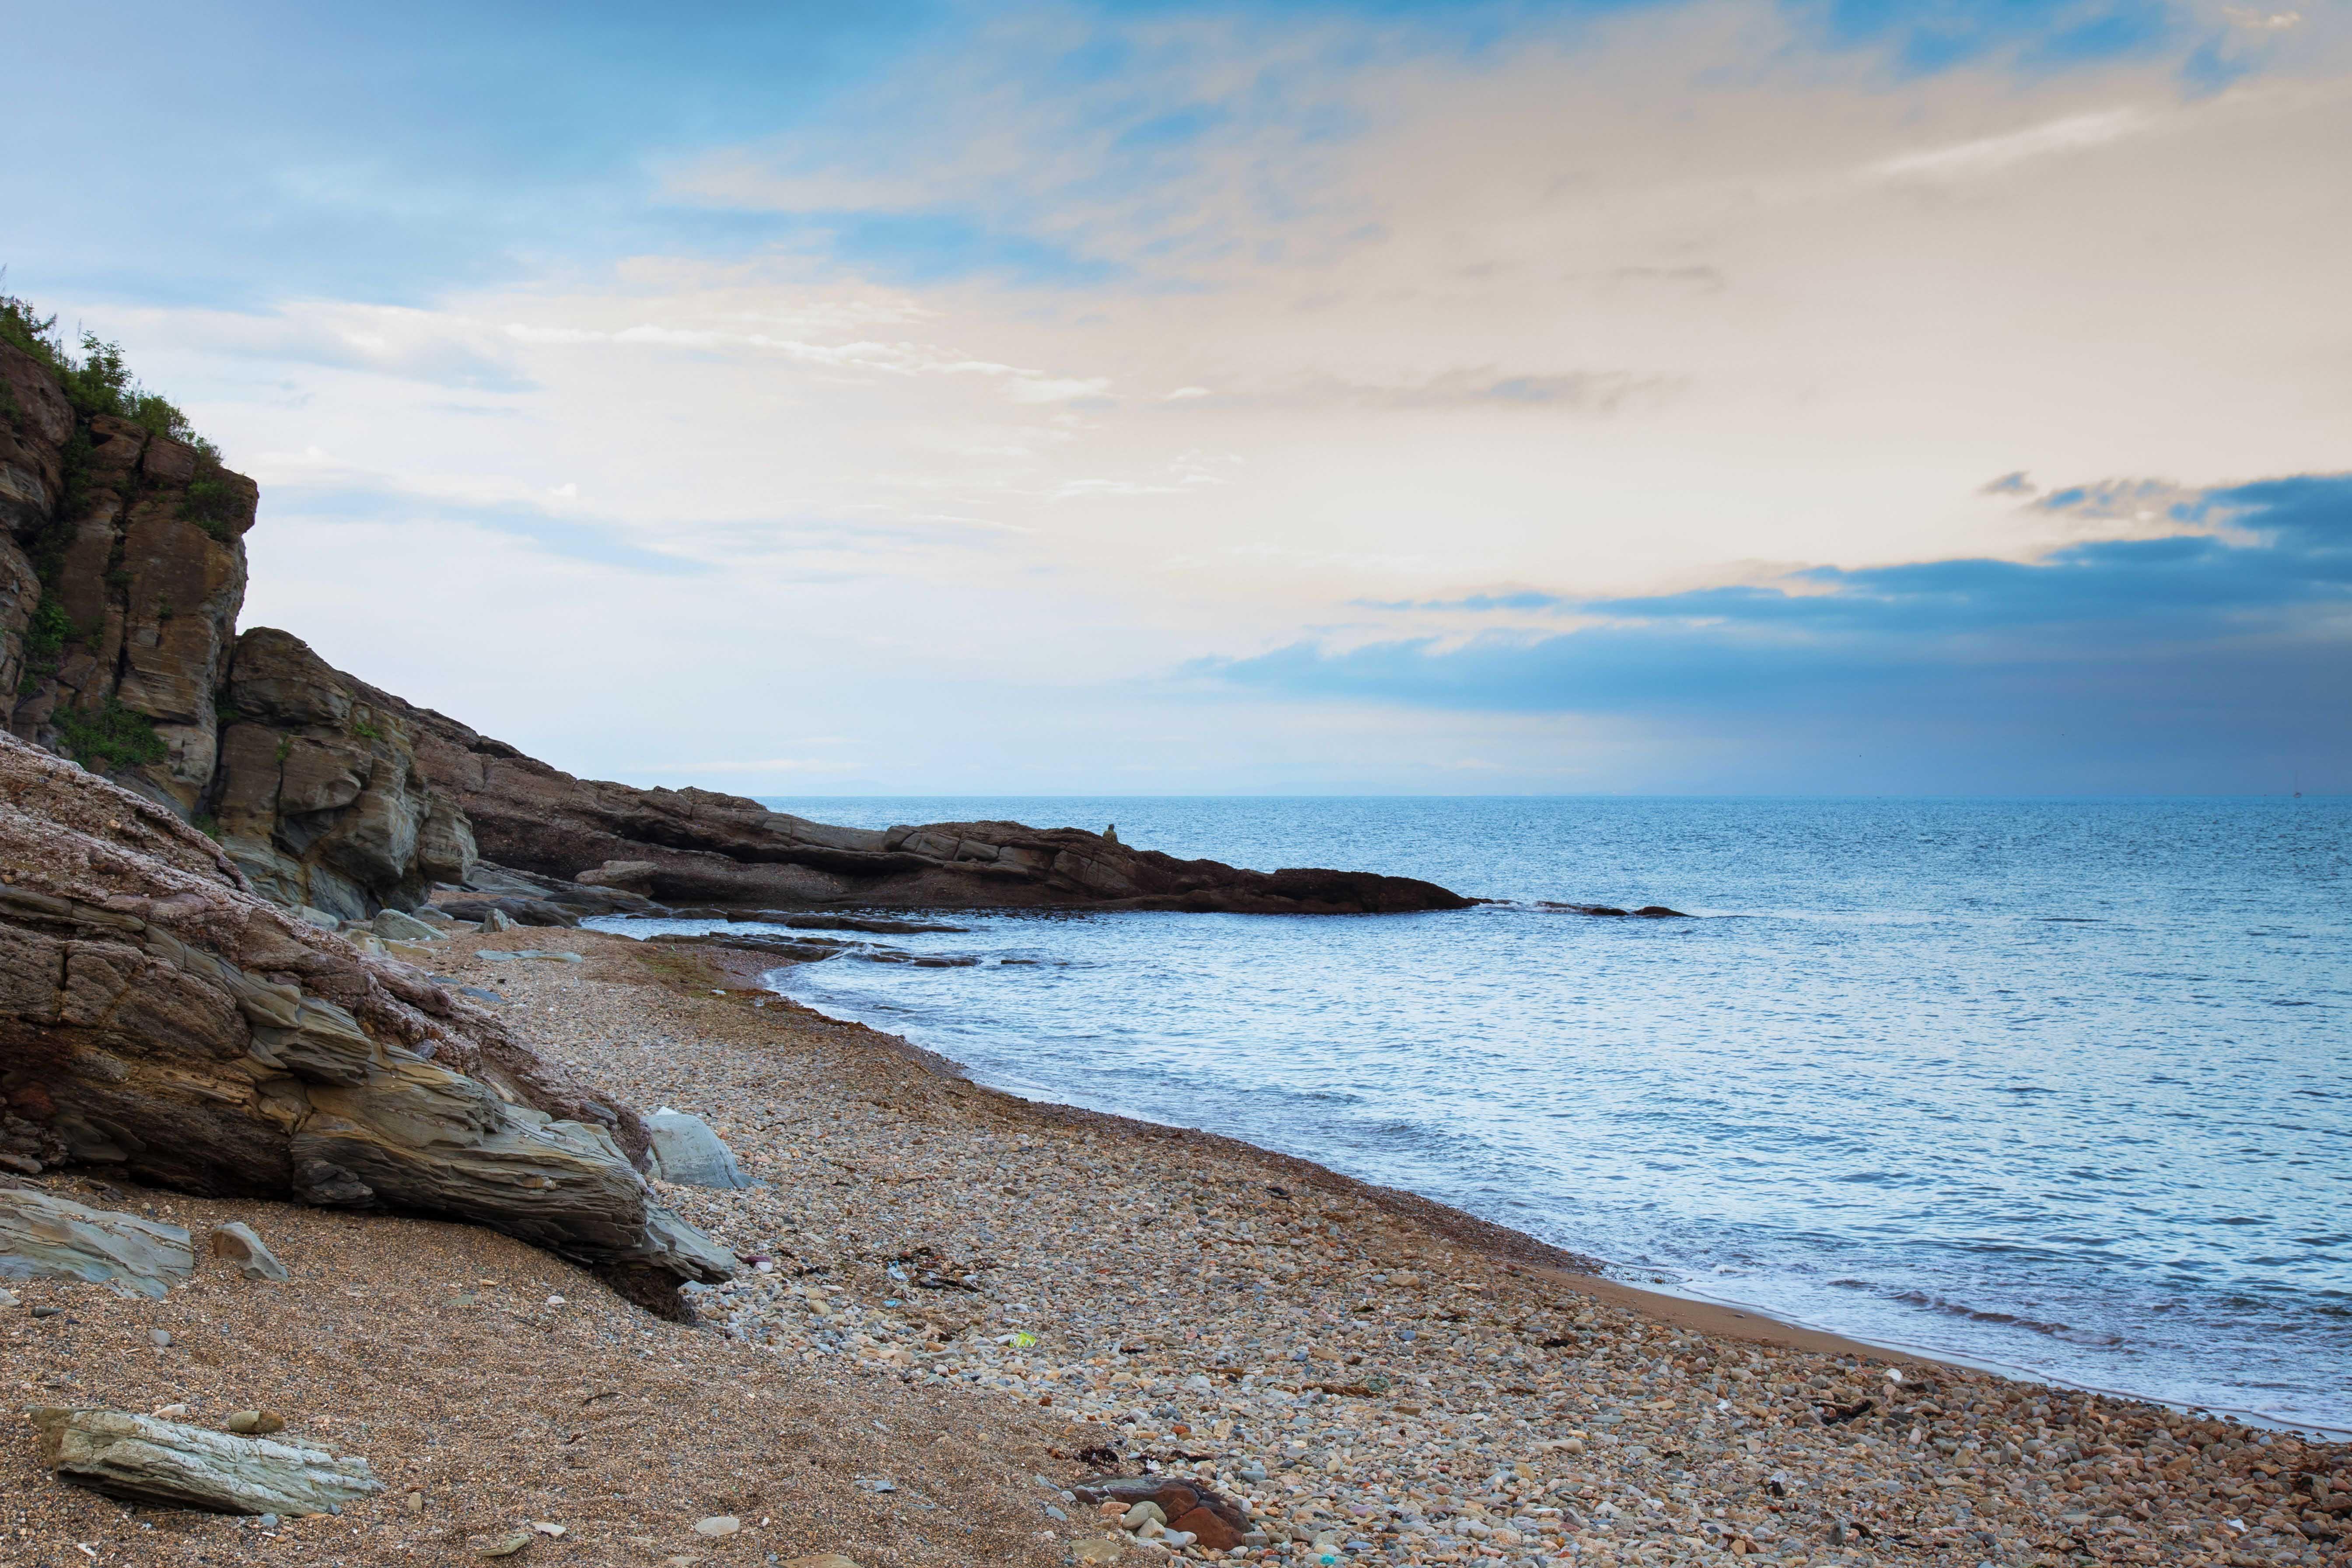 Камни с пляжа адлера названия фото